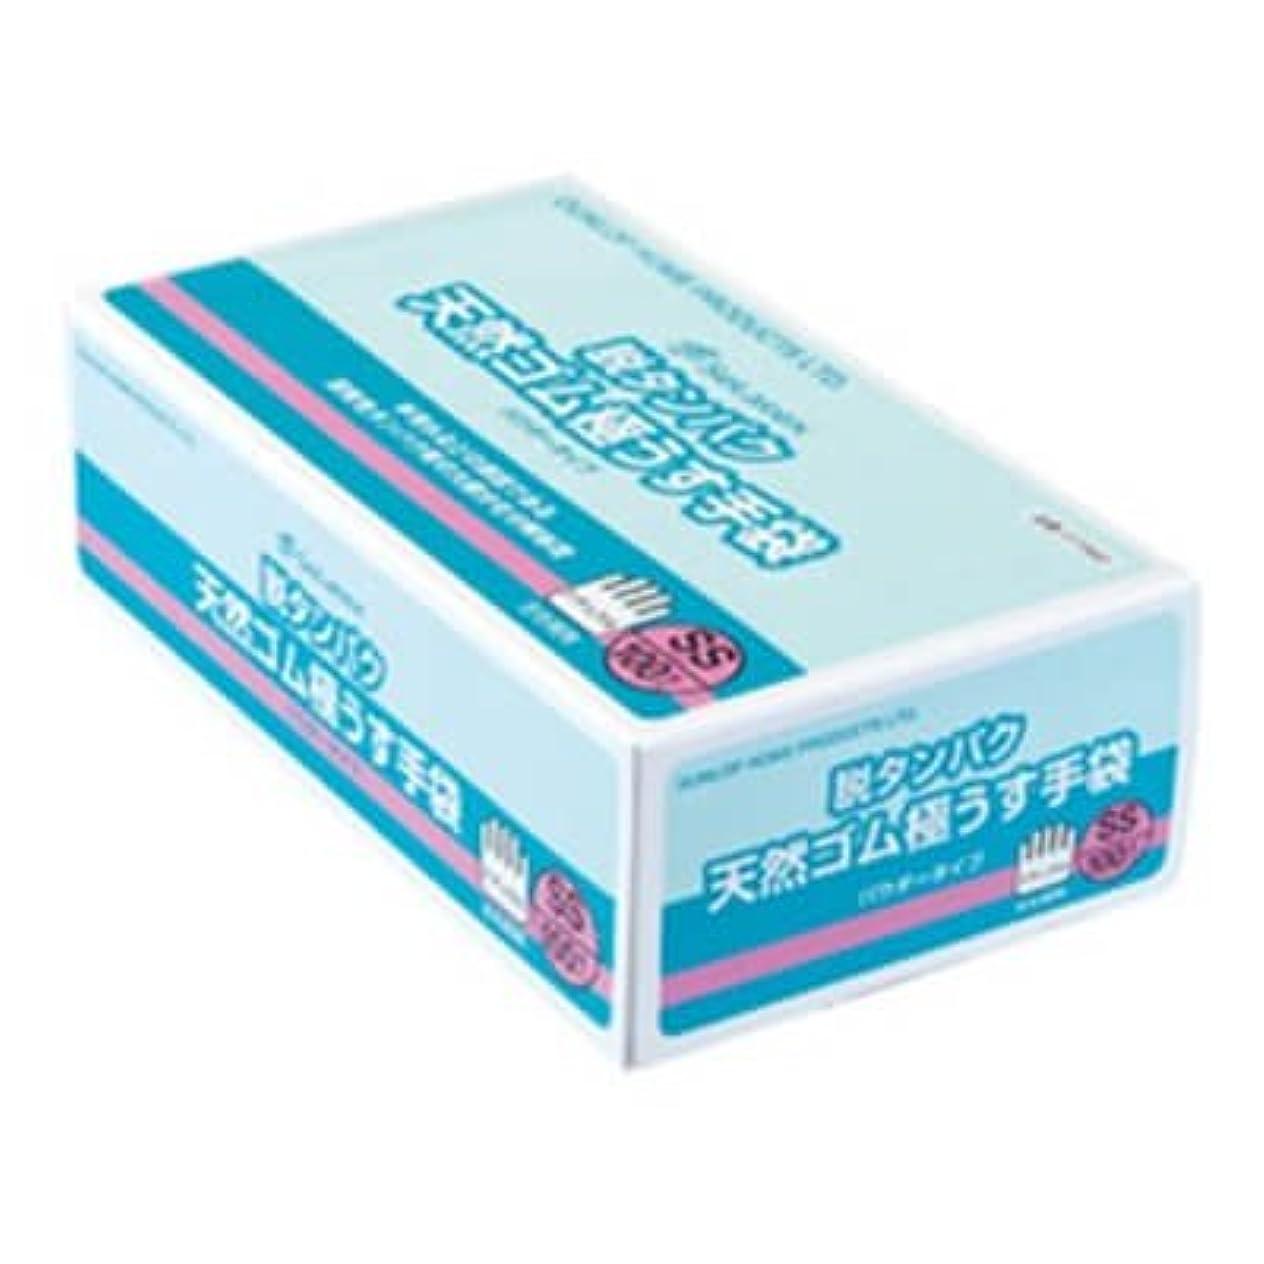 薬を飲む理由ひまわり【ケース販売】 ダンロップ 脱タンパク天然ゴム極うす手袋 SS ナチュラル (100枚入×20箱)